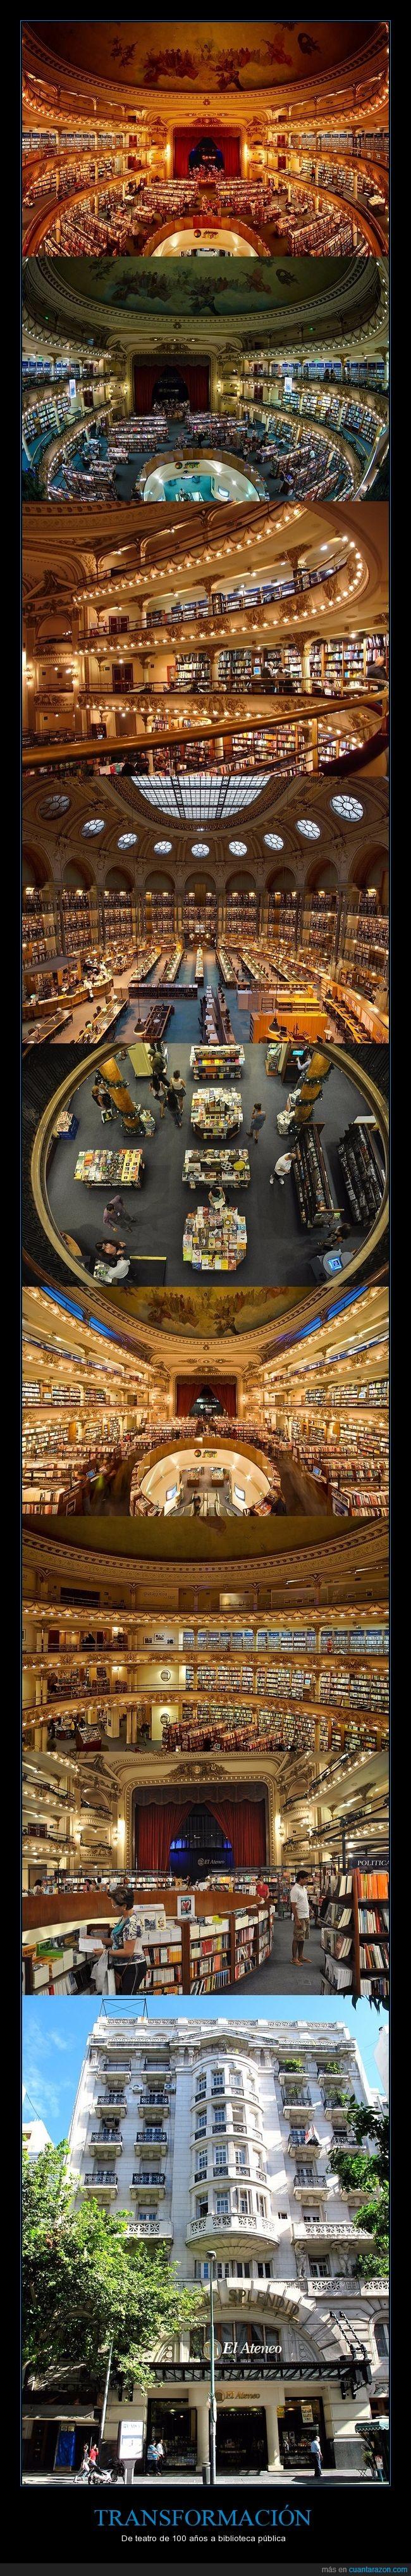 100 años,ateneo,biblioteca,teatro,transformación